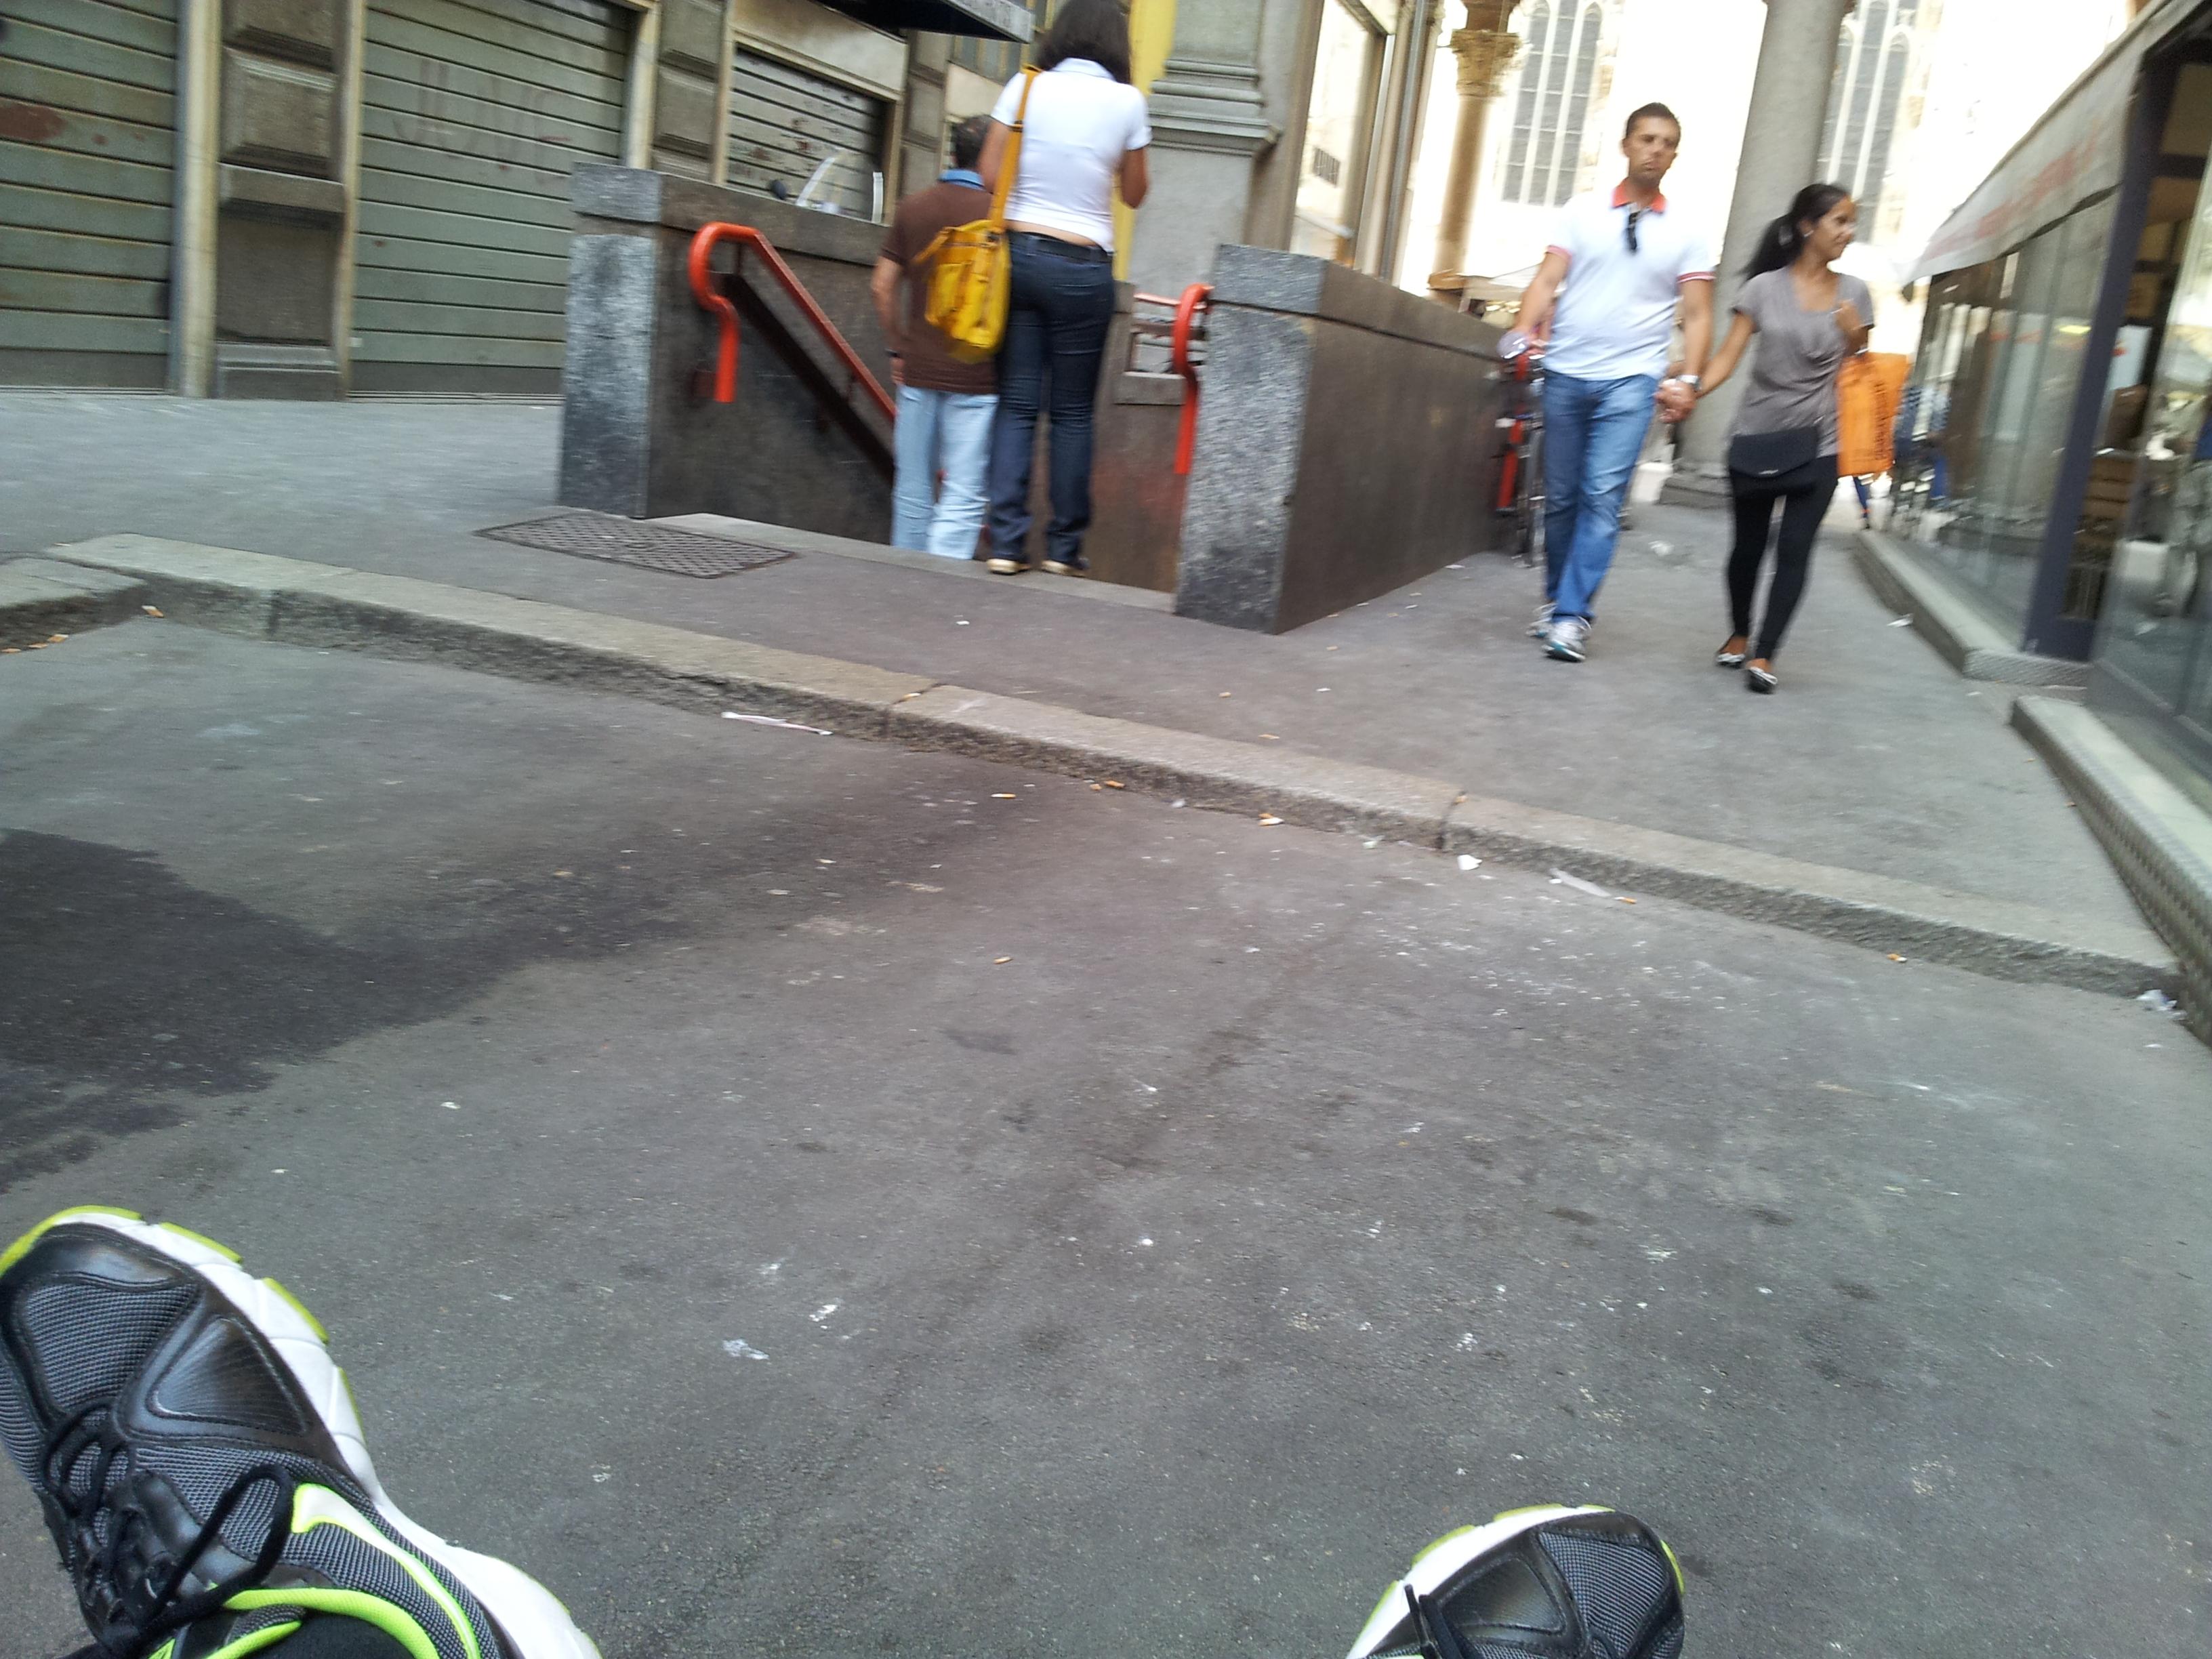 I marciapiedi: e dietro il Duomo?